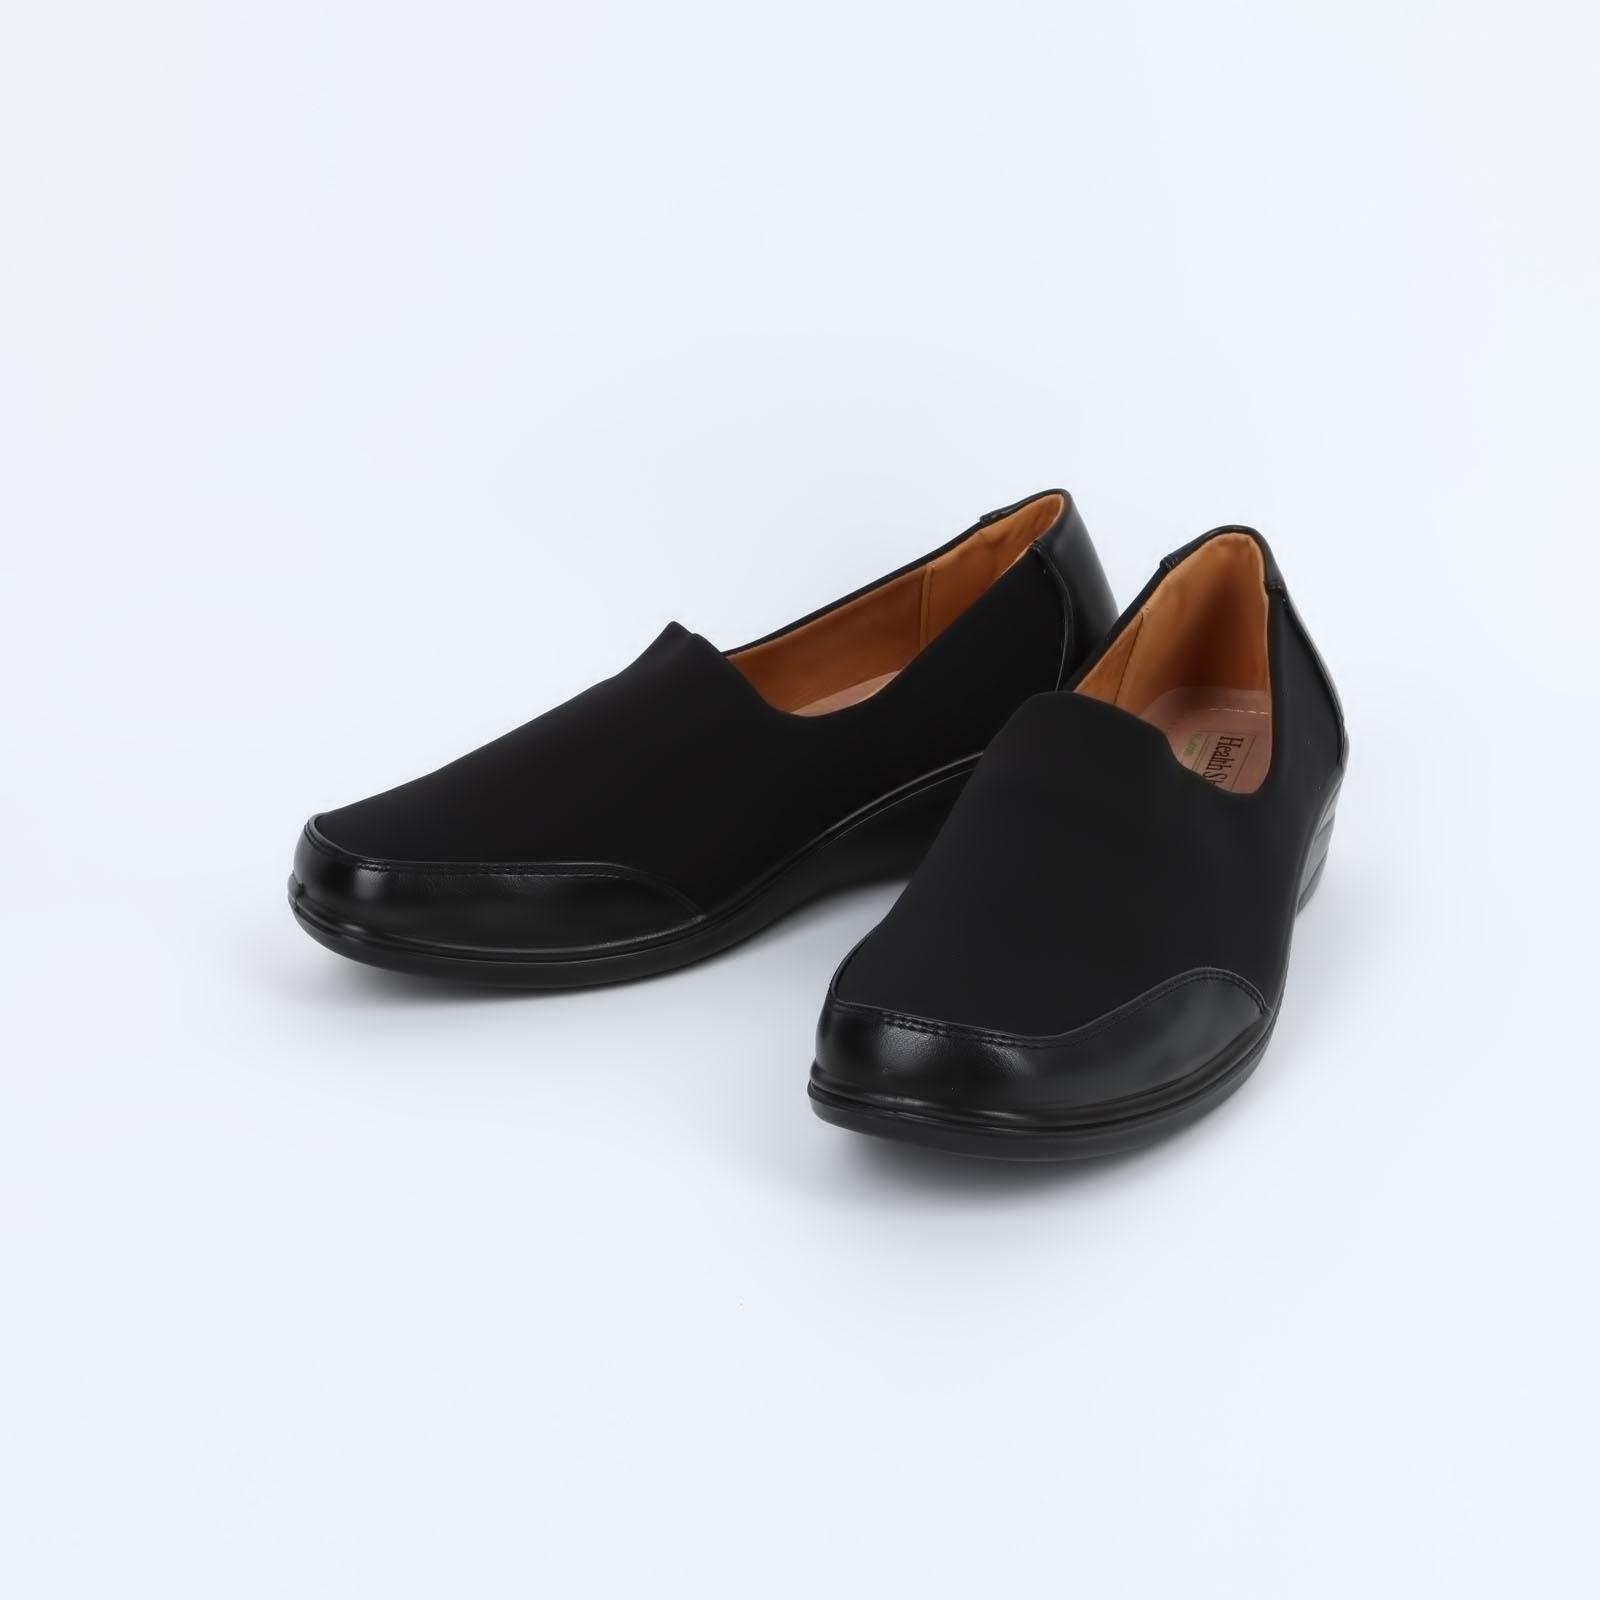 Туфли женские со вставками на мысу и пятке